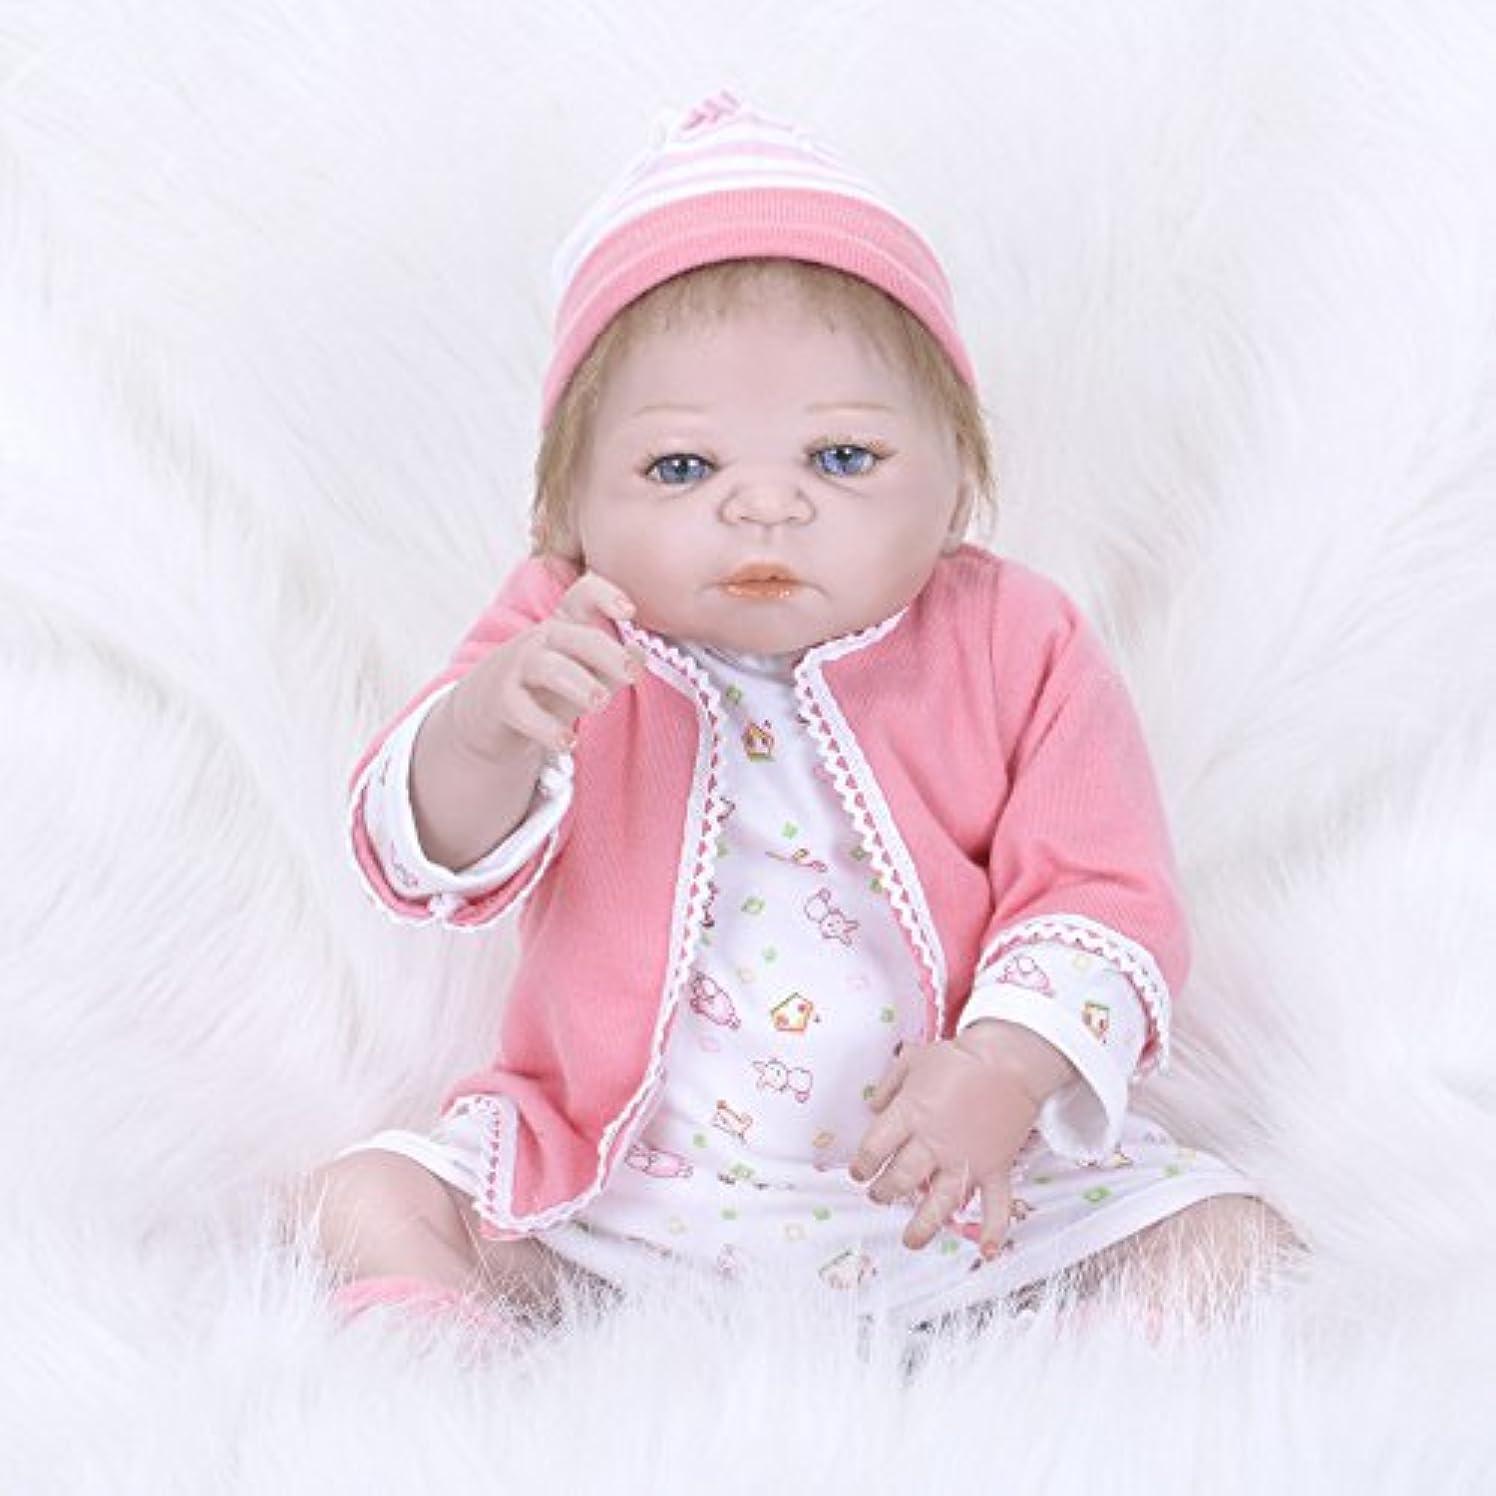 賛美歌関連付ける放射能PKJOkmjko シミュレーション人形全シリカゲル幼児教育迫真の女の子の人形23インチ58センチメートル迫真プリンセス児童玩具子どもの誕生日プレゼント